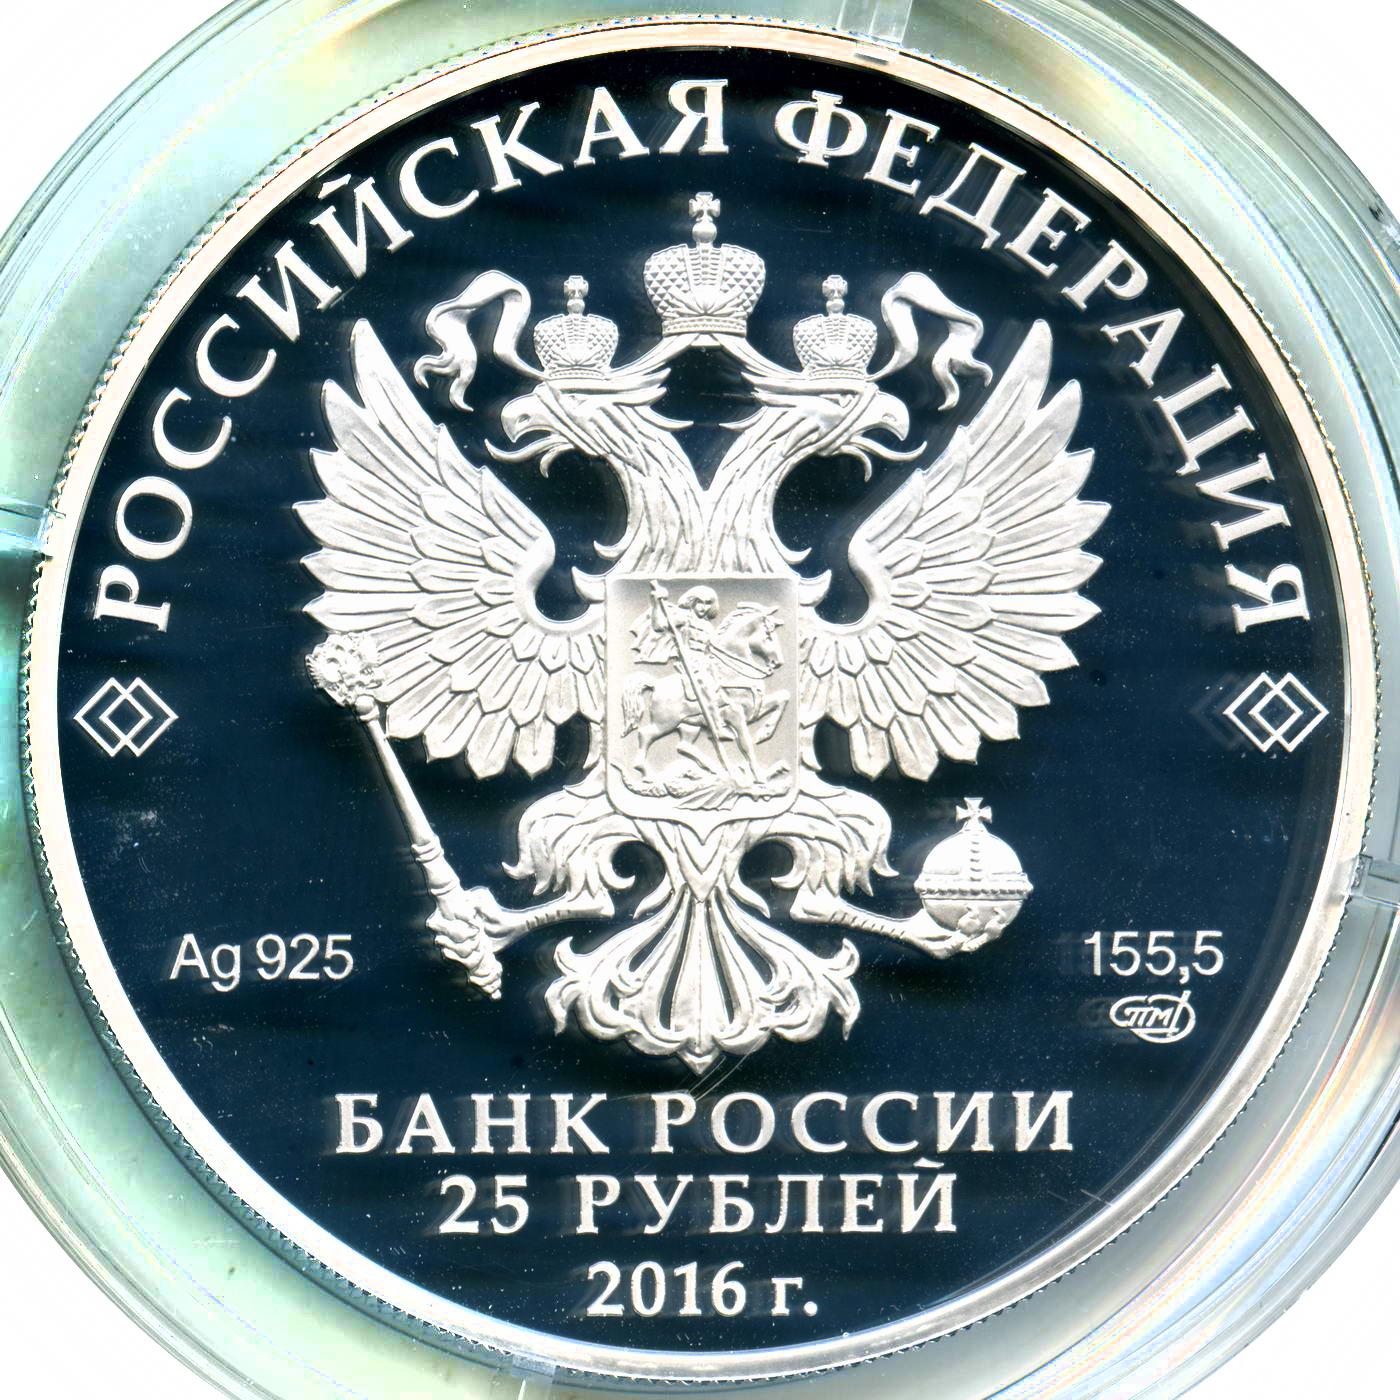 Набор из 2 серебряных монет 25 рублей 2016 год. Серия